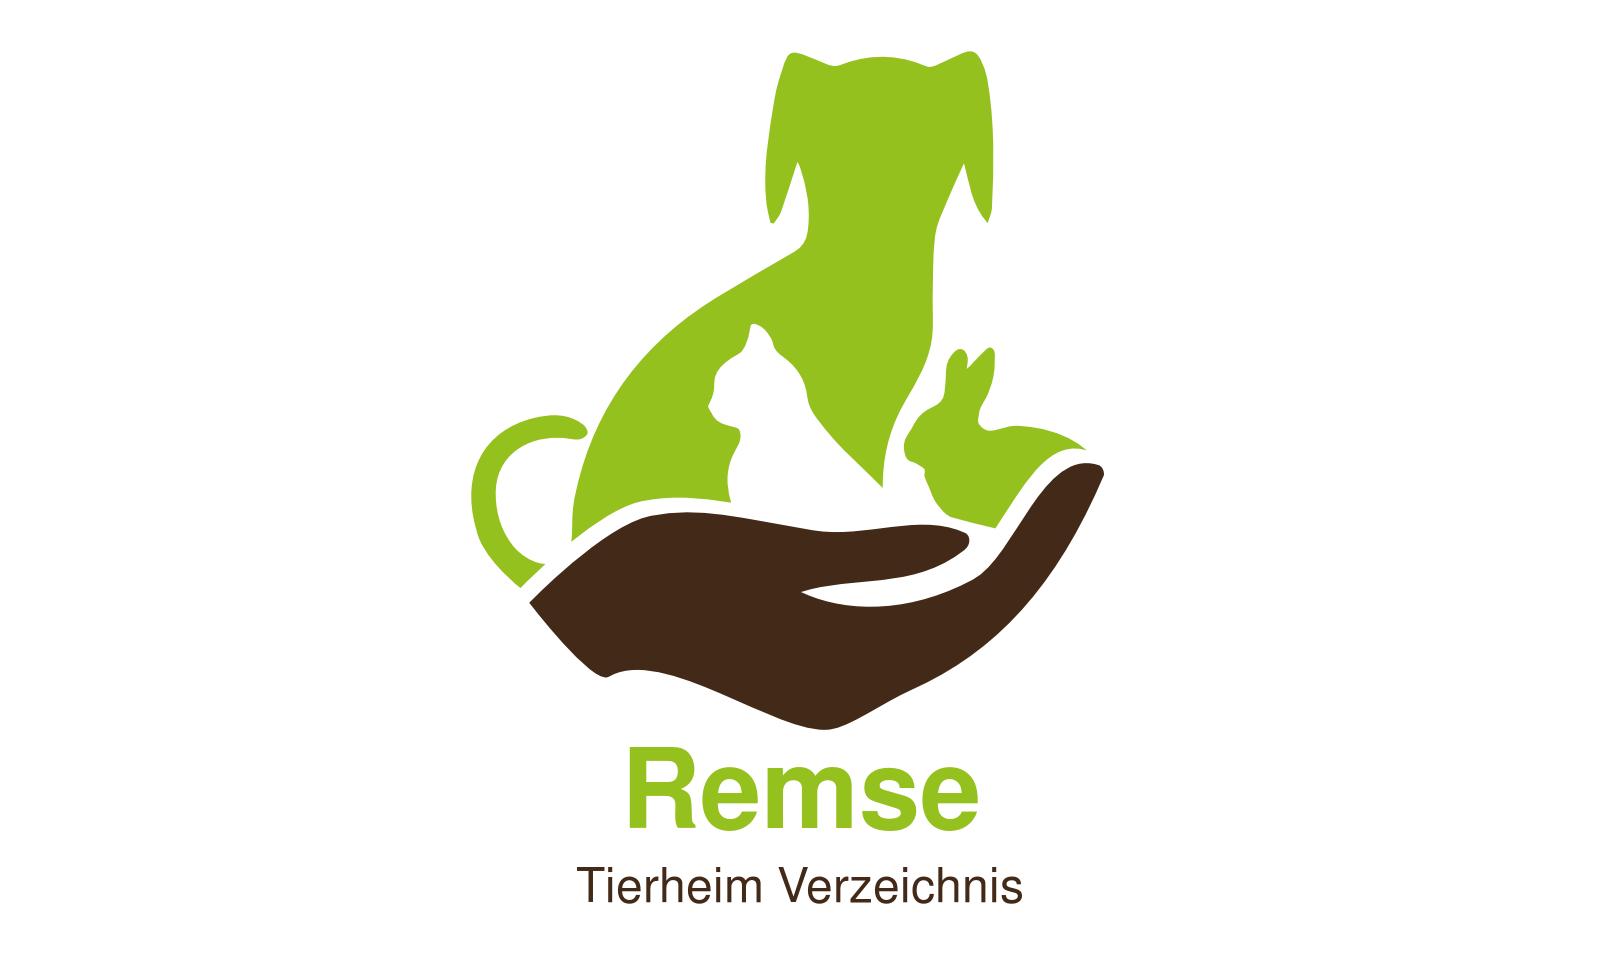 Tierheim Remse